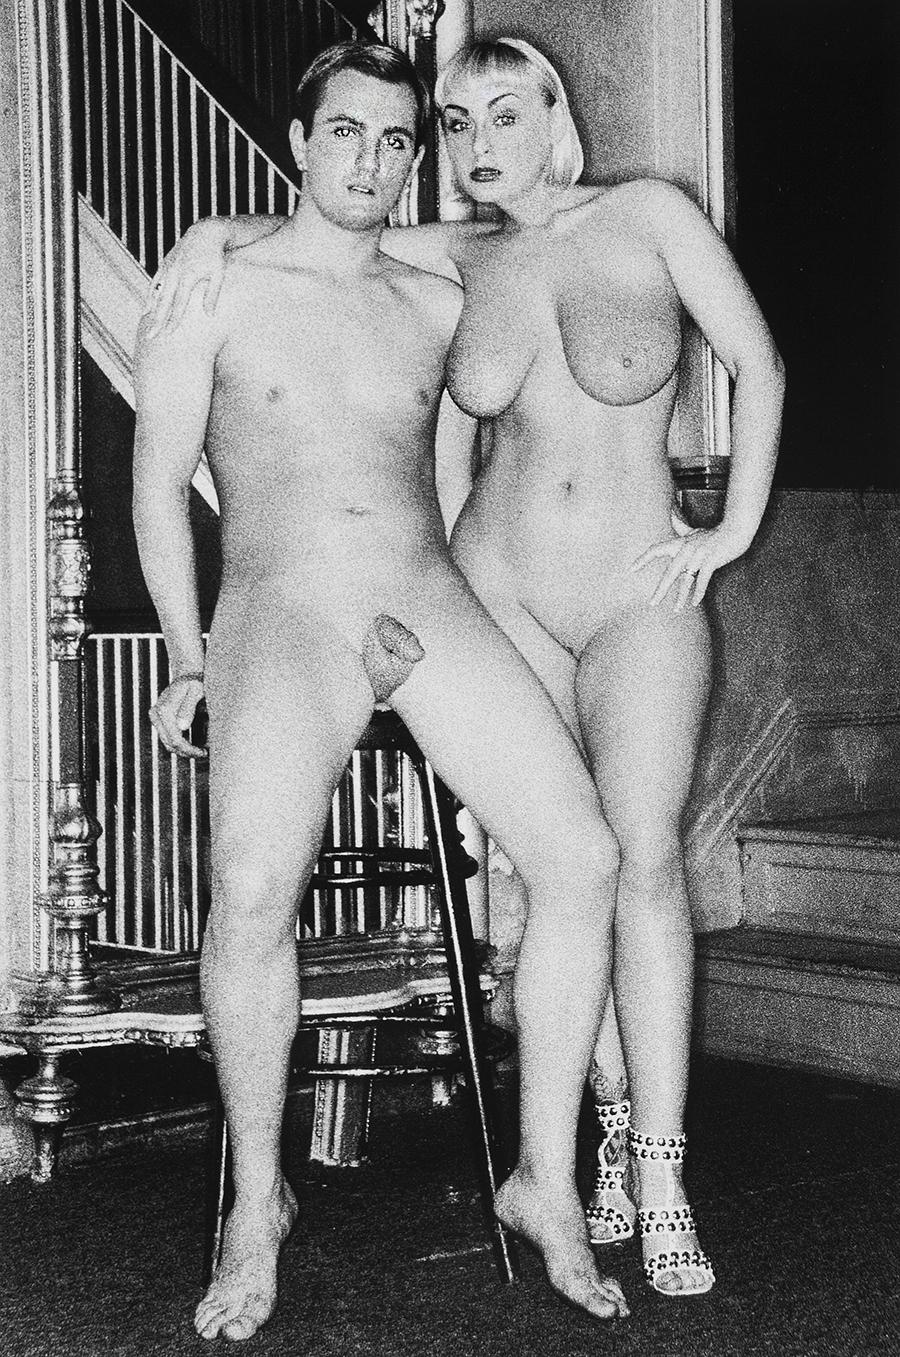 Tony_Ward_erotica_big_Natural_breasts_love_sex_Walker_Pete_portrait